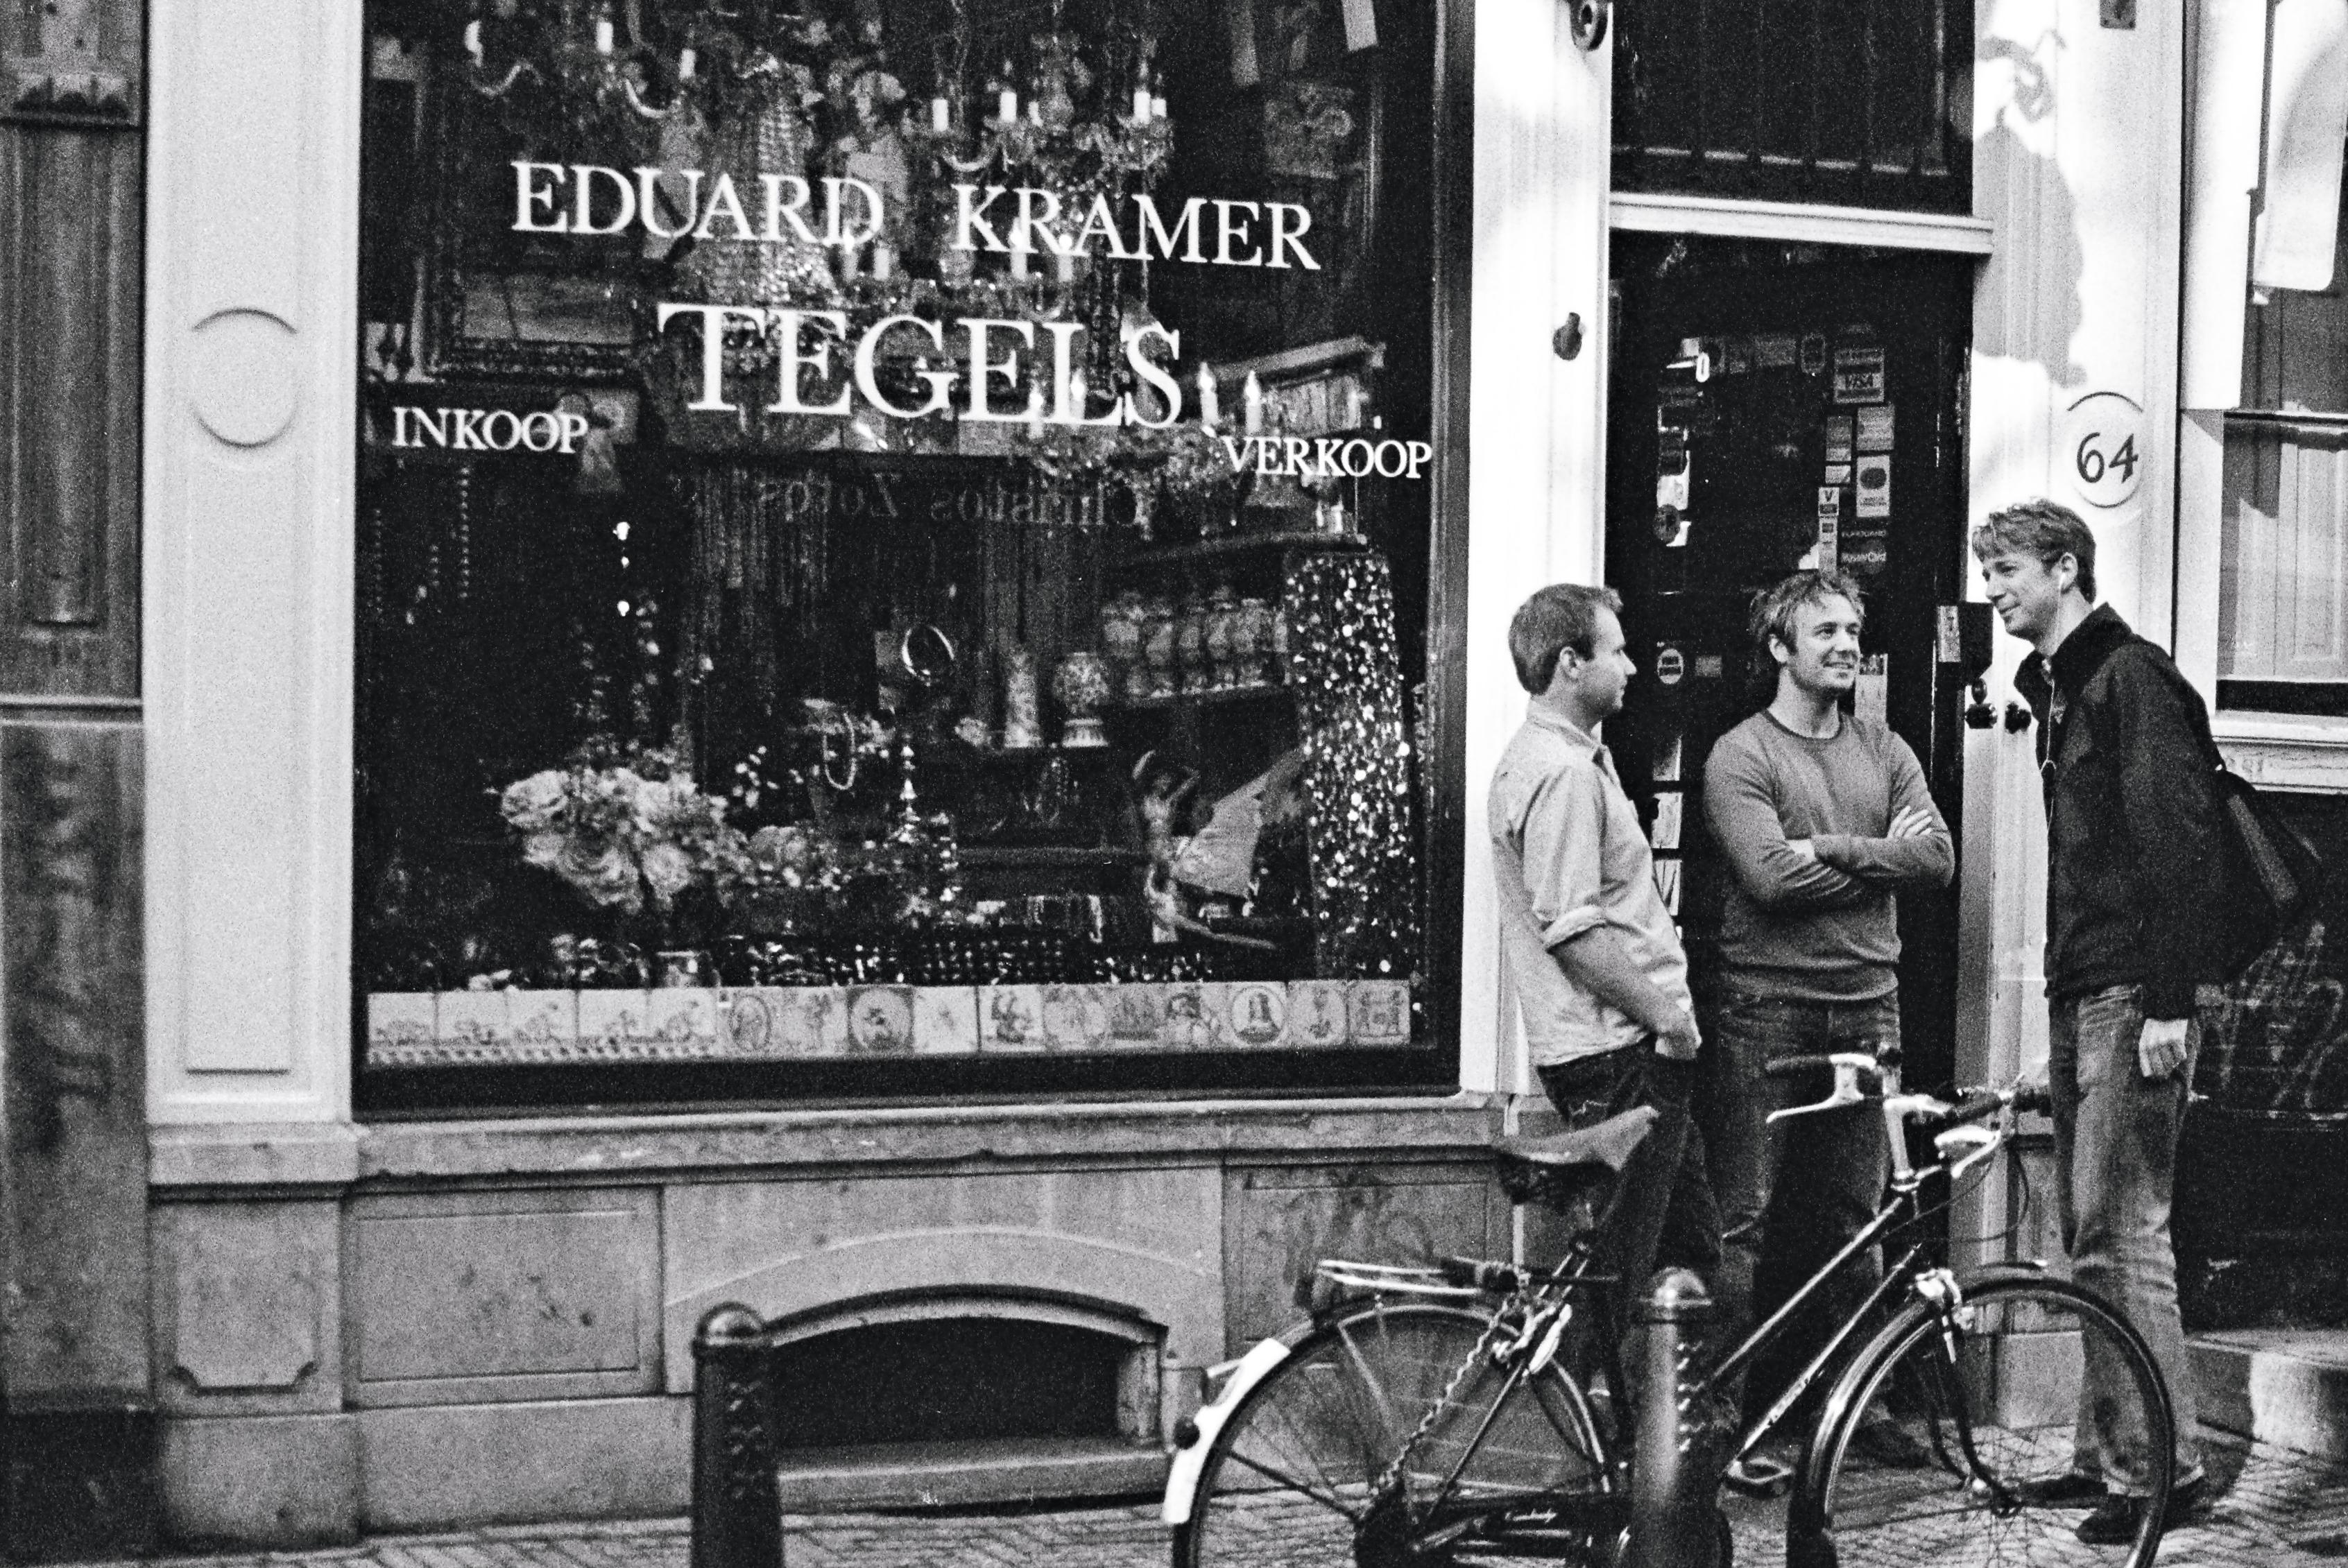 Nieuwe Spiegelstraat, Amsterdam, Netherlands, Europe